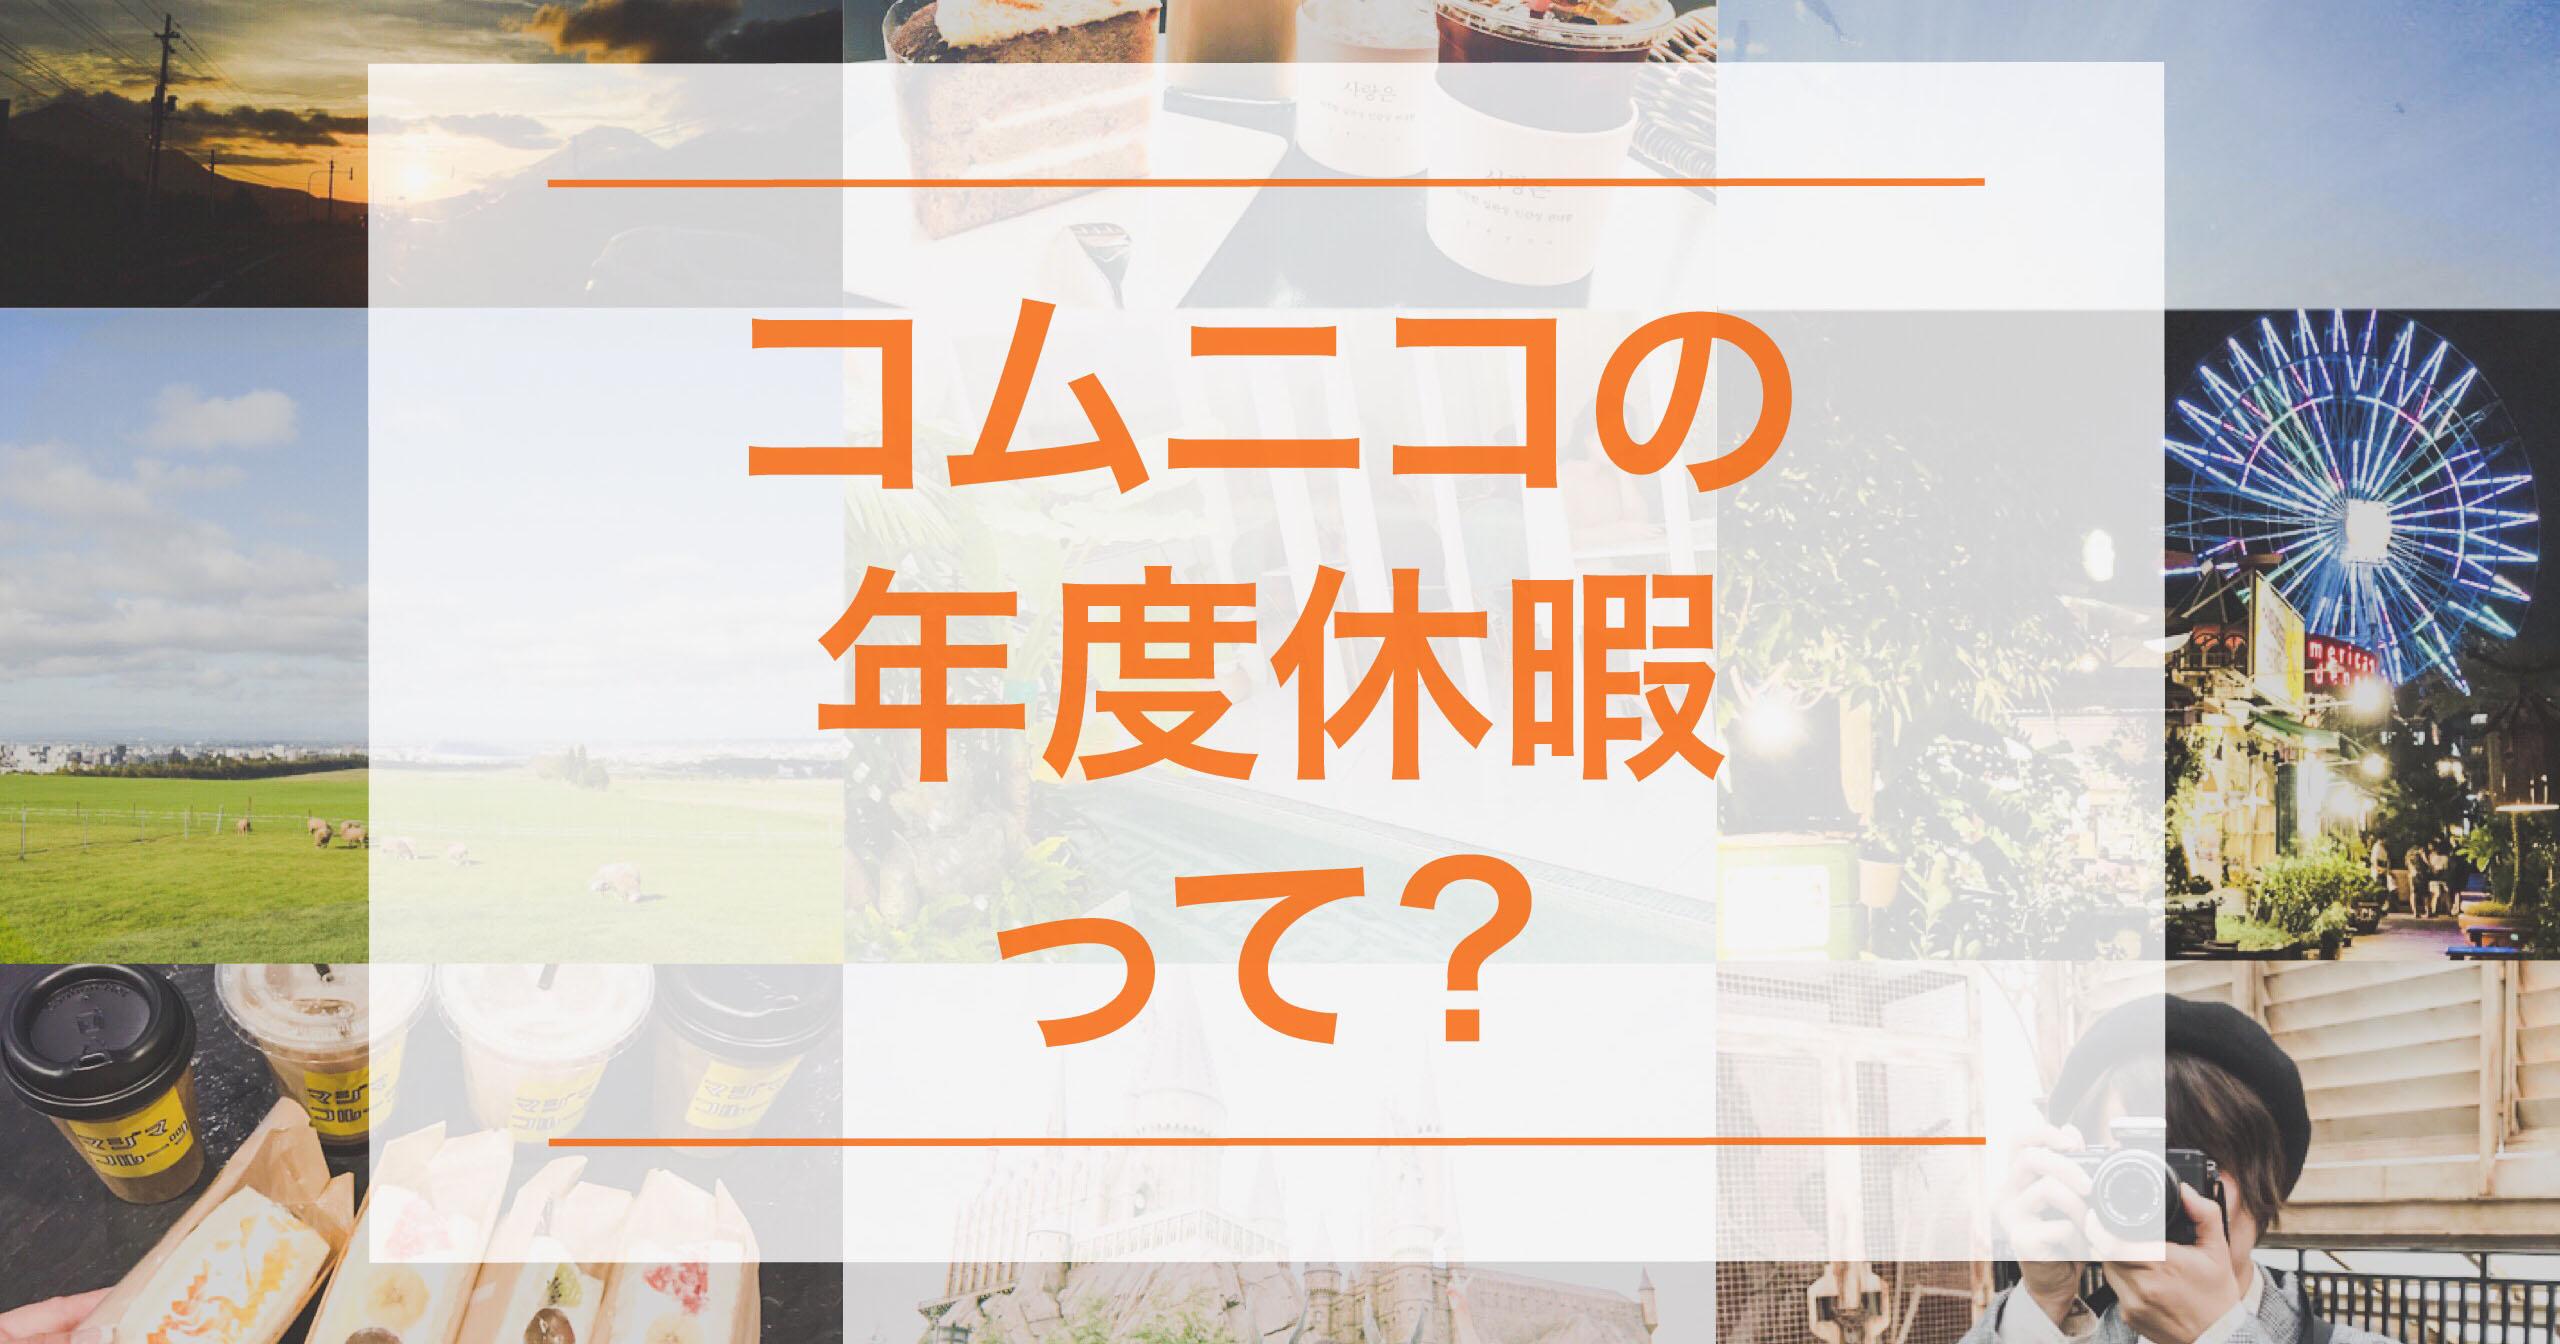 コムニコの休暇制度の紹介!